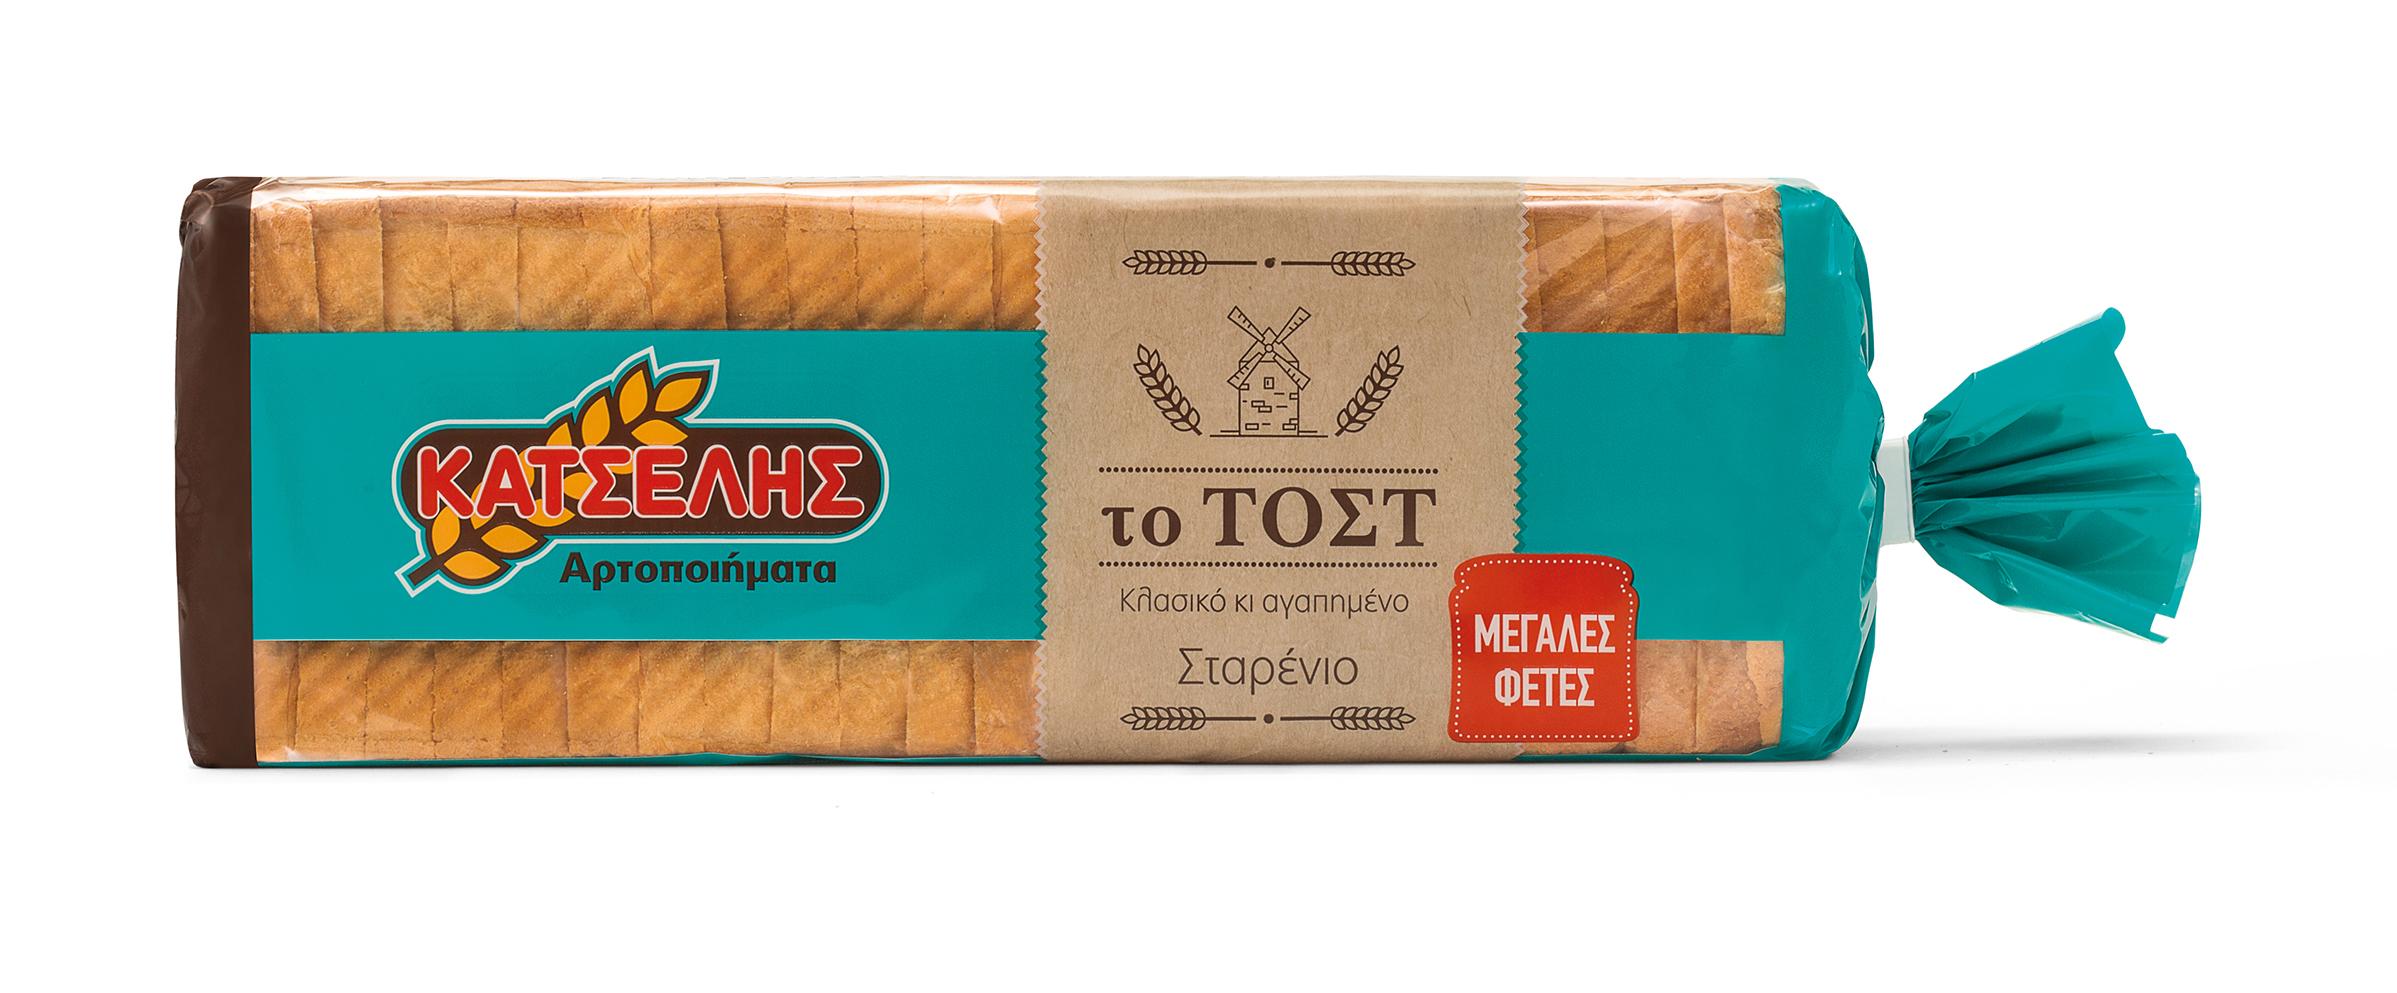 Ψωμί Το Τόστ Σταρένιο Μεγάλες Φέτες Κατσέλης (900 g)